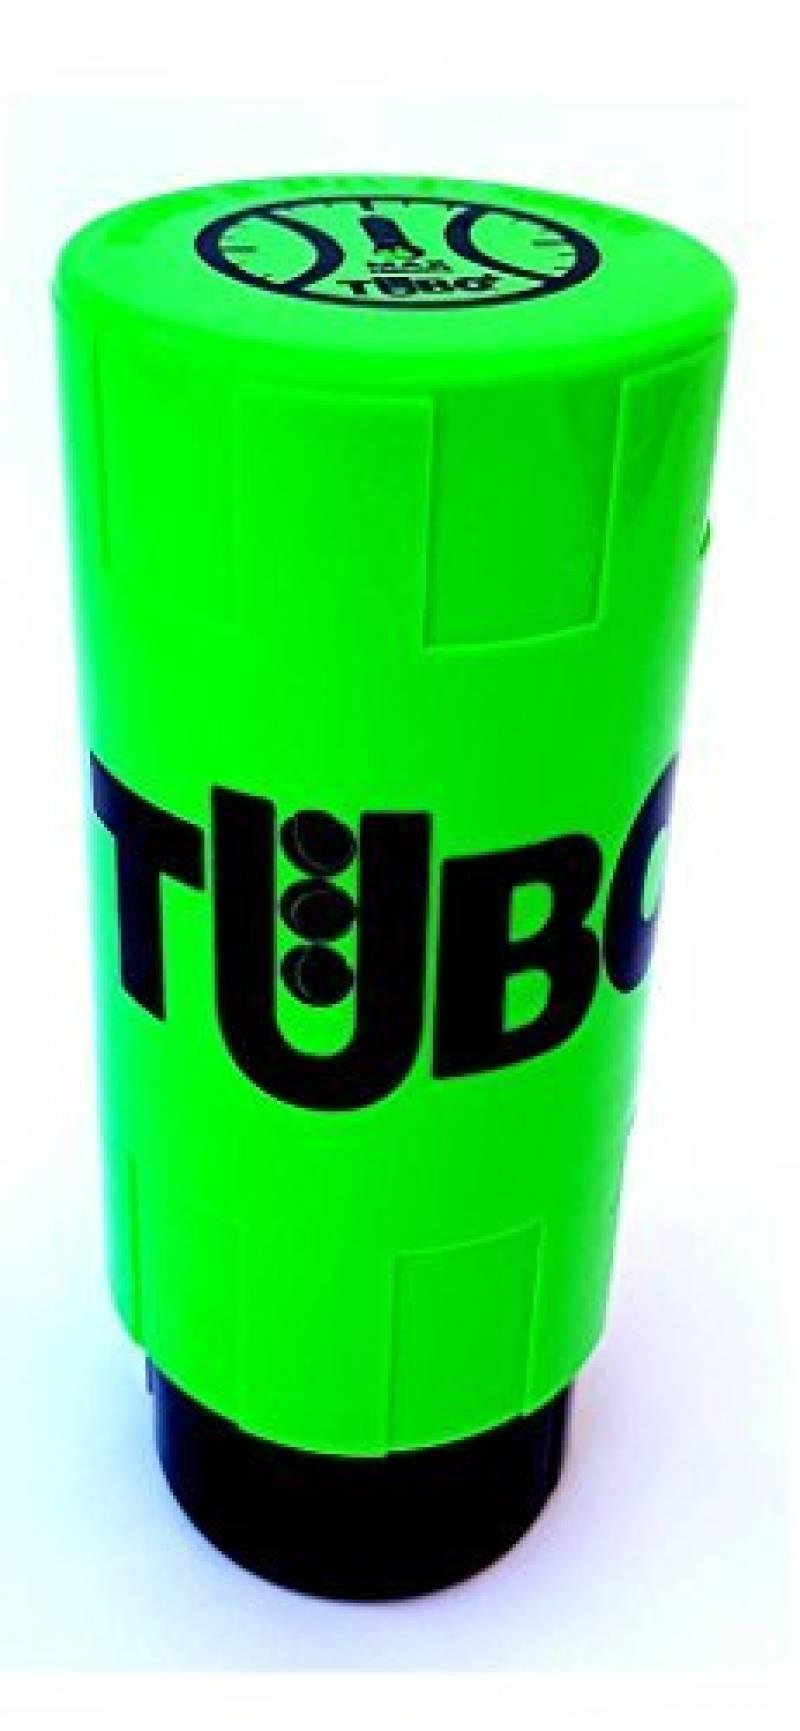 TUBOPLUS Contenant sous pression (vert) Tennis / Padel de la marque TUBOPLUS TOP 5 image 0 produit